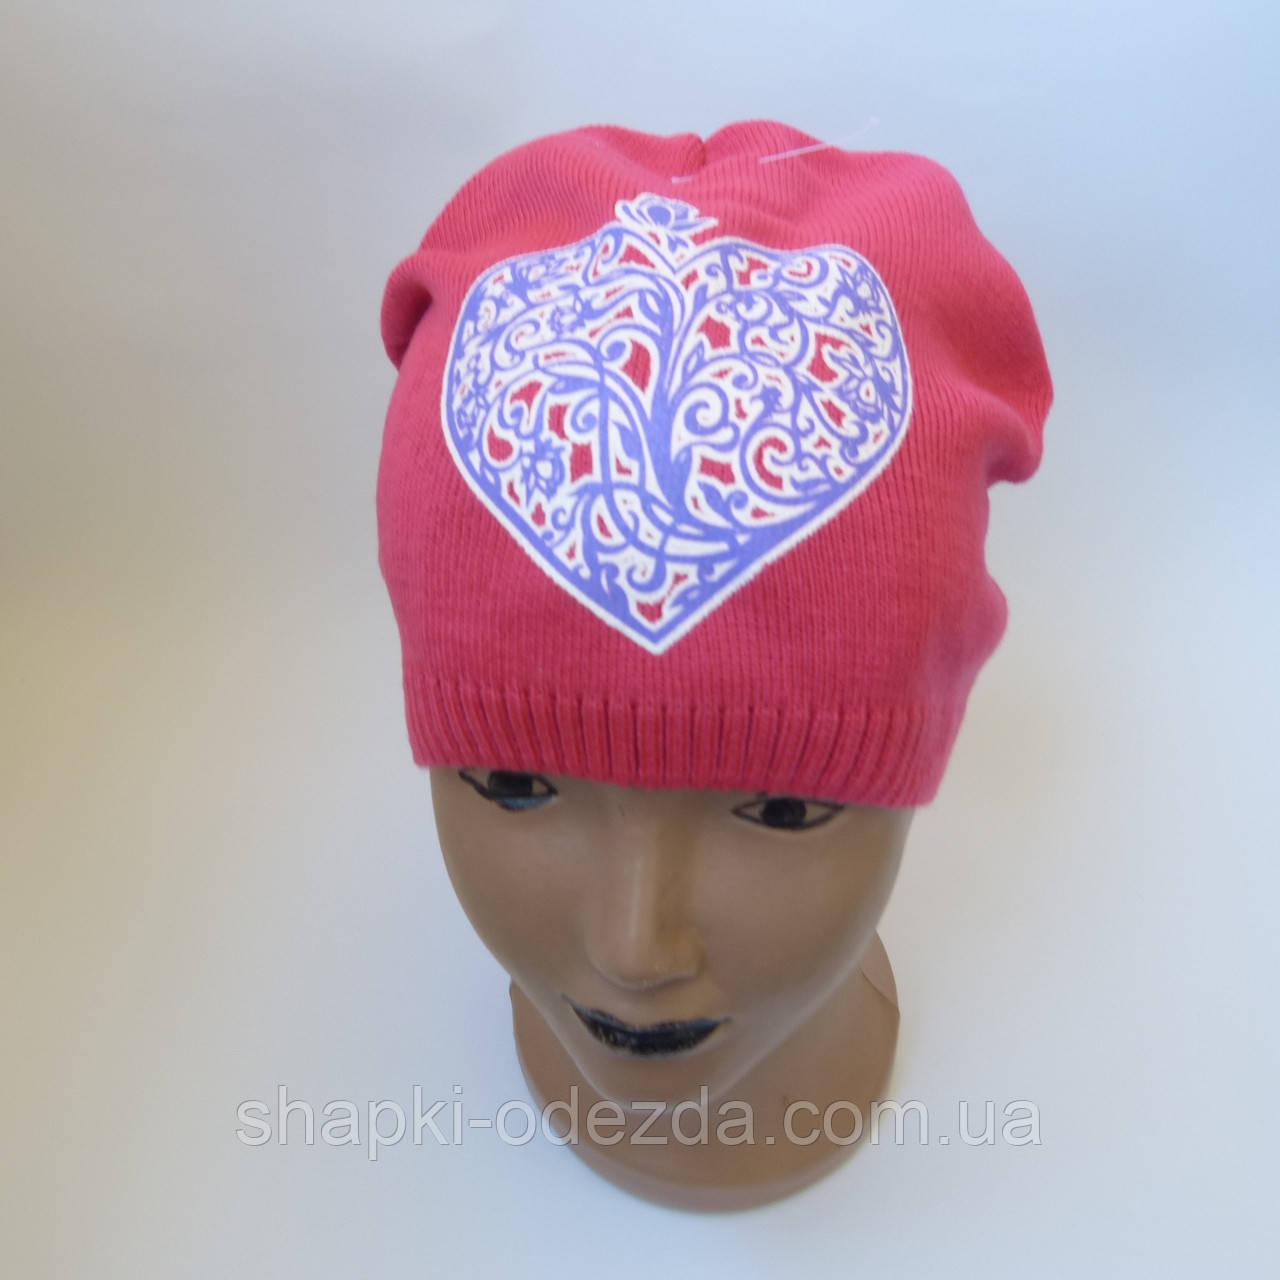 детская вязаная шапка для девочки 5 12 лет оптом продажа цена в